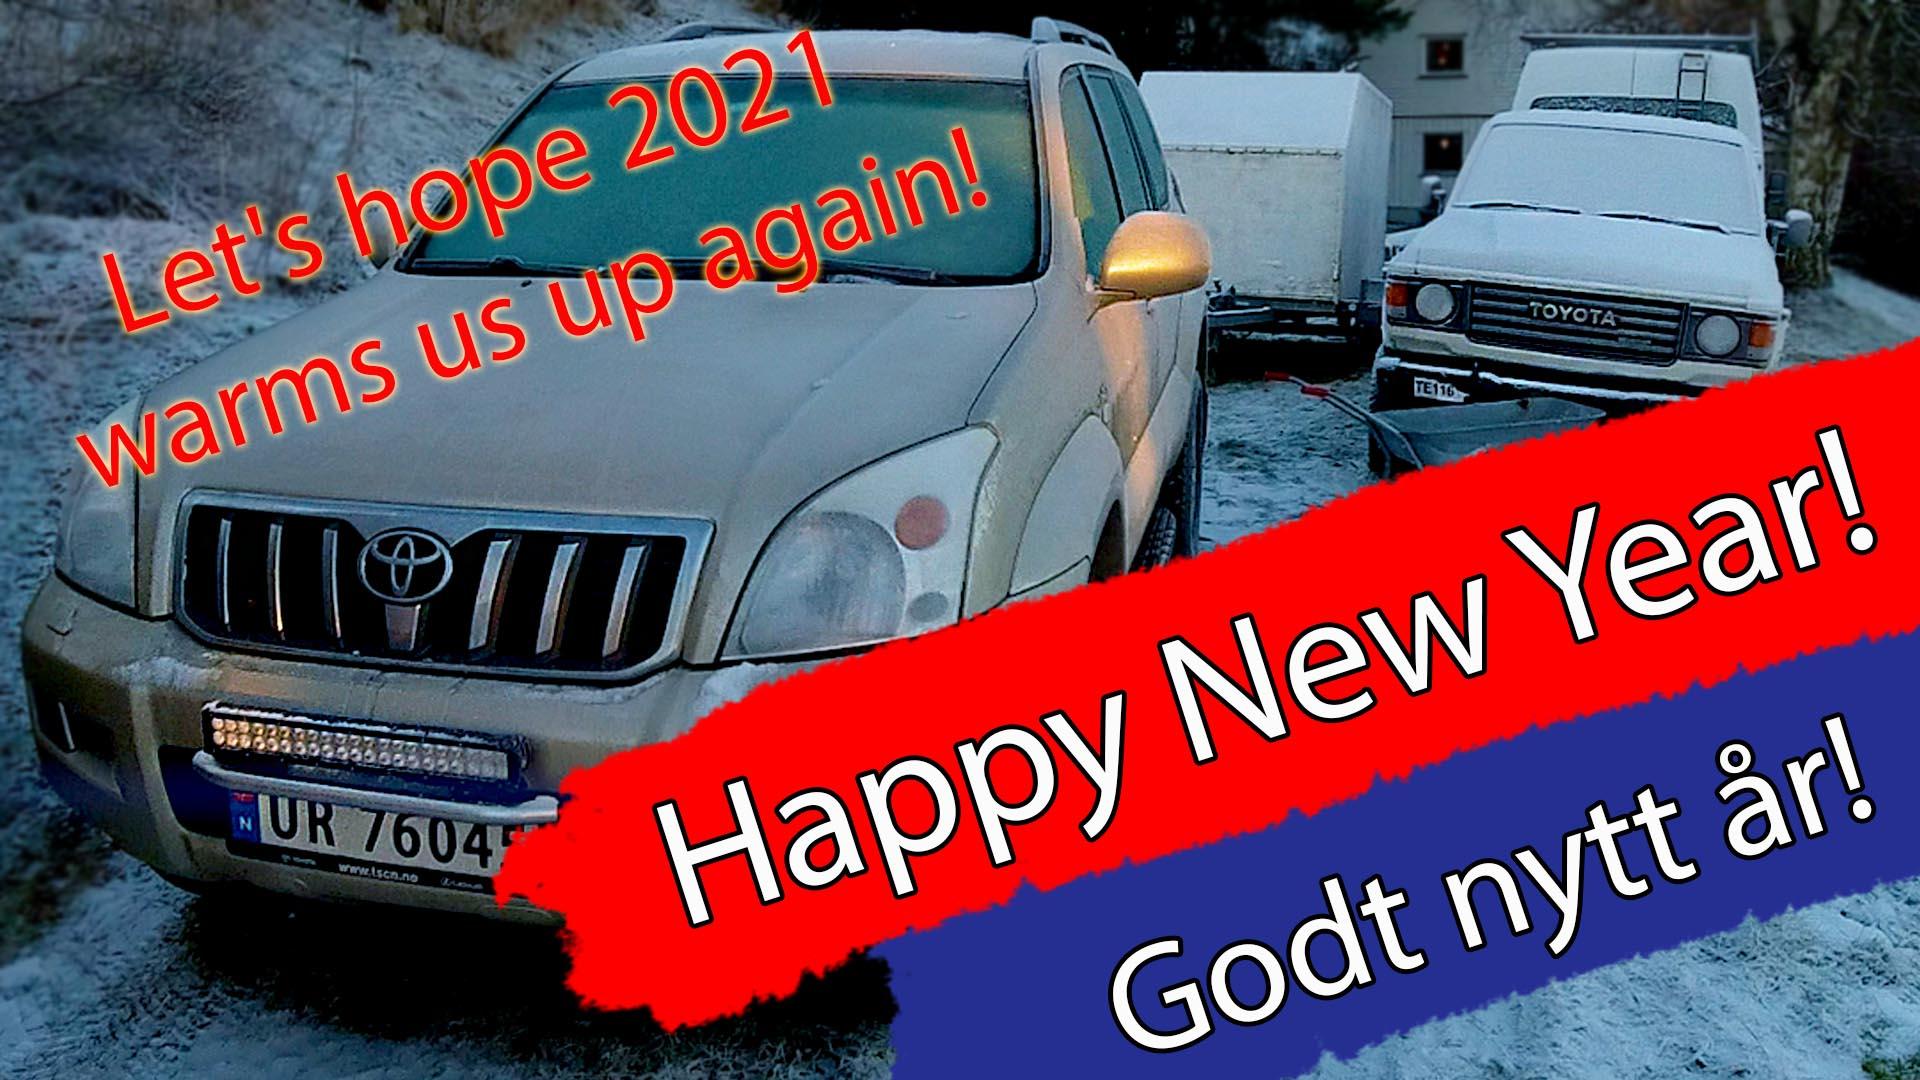 Bildilla Magasin 2021 – Happy New Year! – Godt Nytt år!